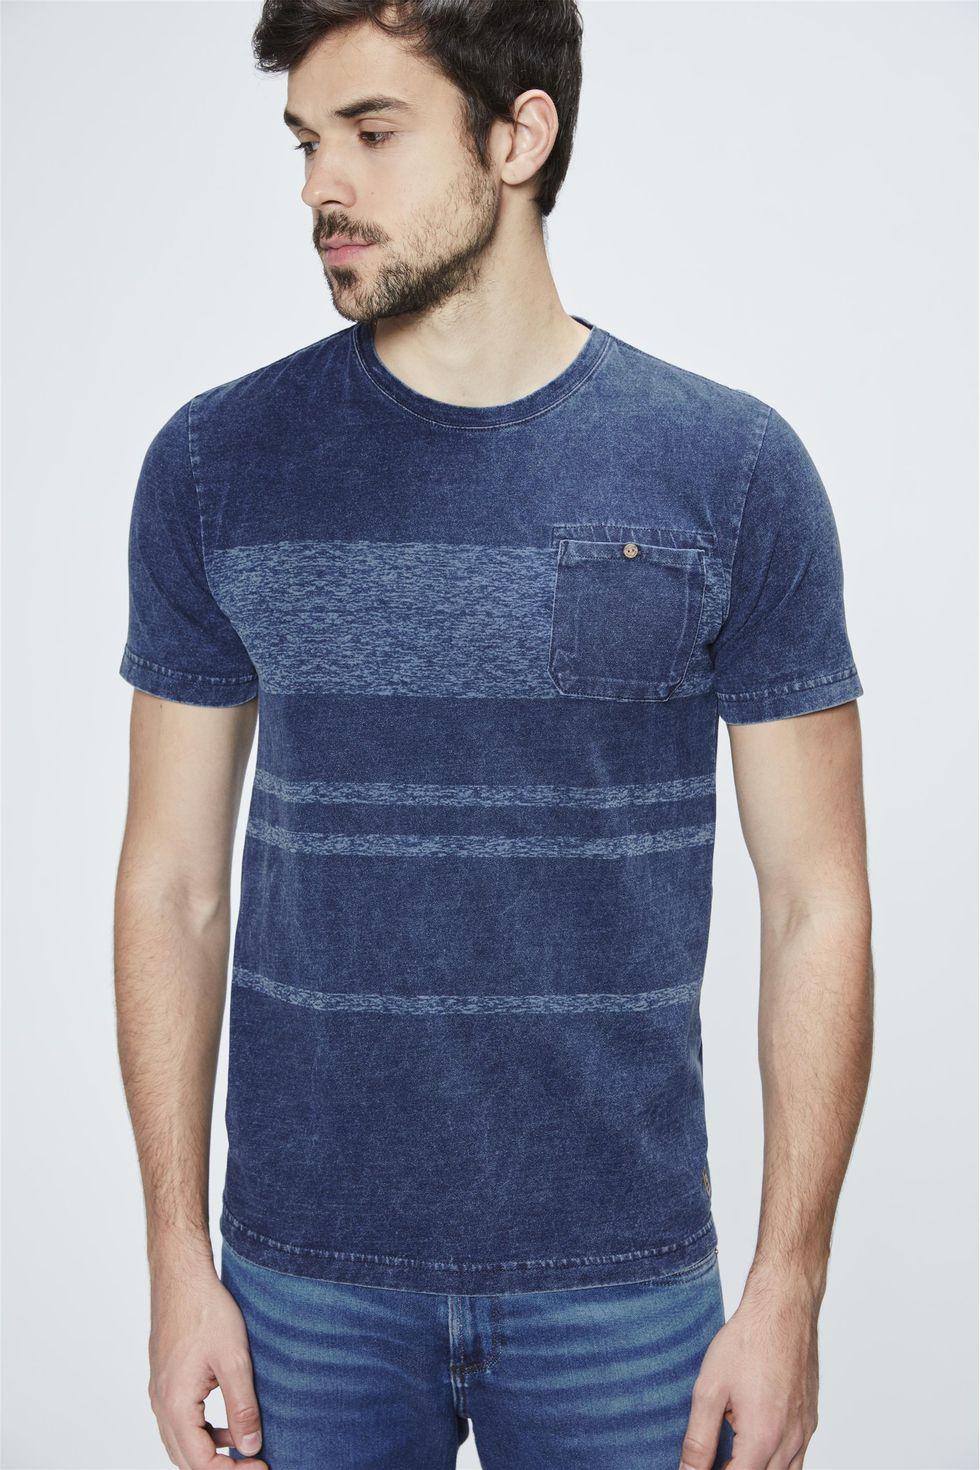 Camiseta-de-Malha-Denim-com-Listras-Frente--